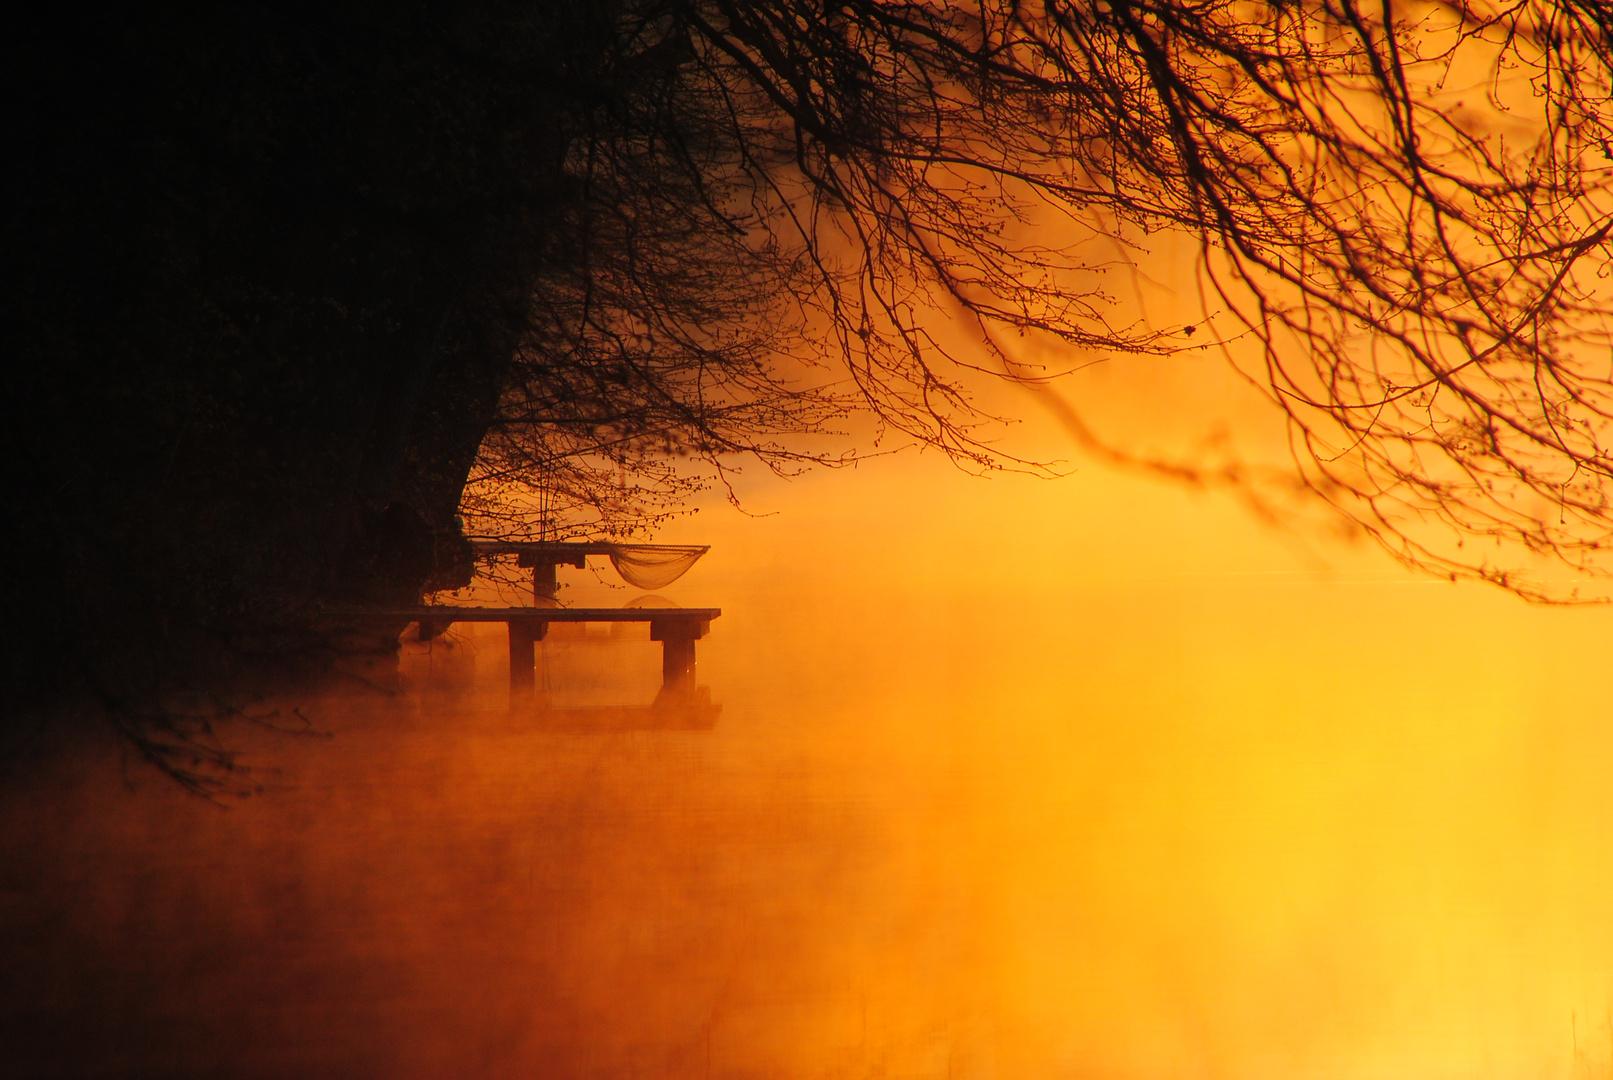 Sonnenaufgang, Junckernhees